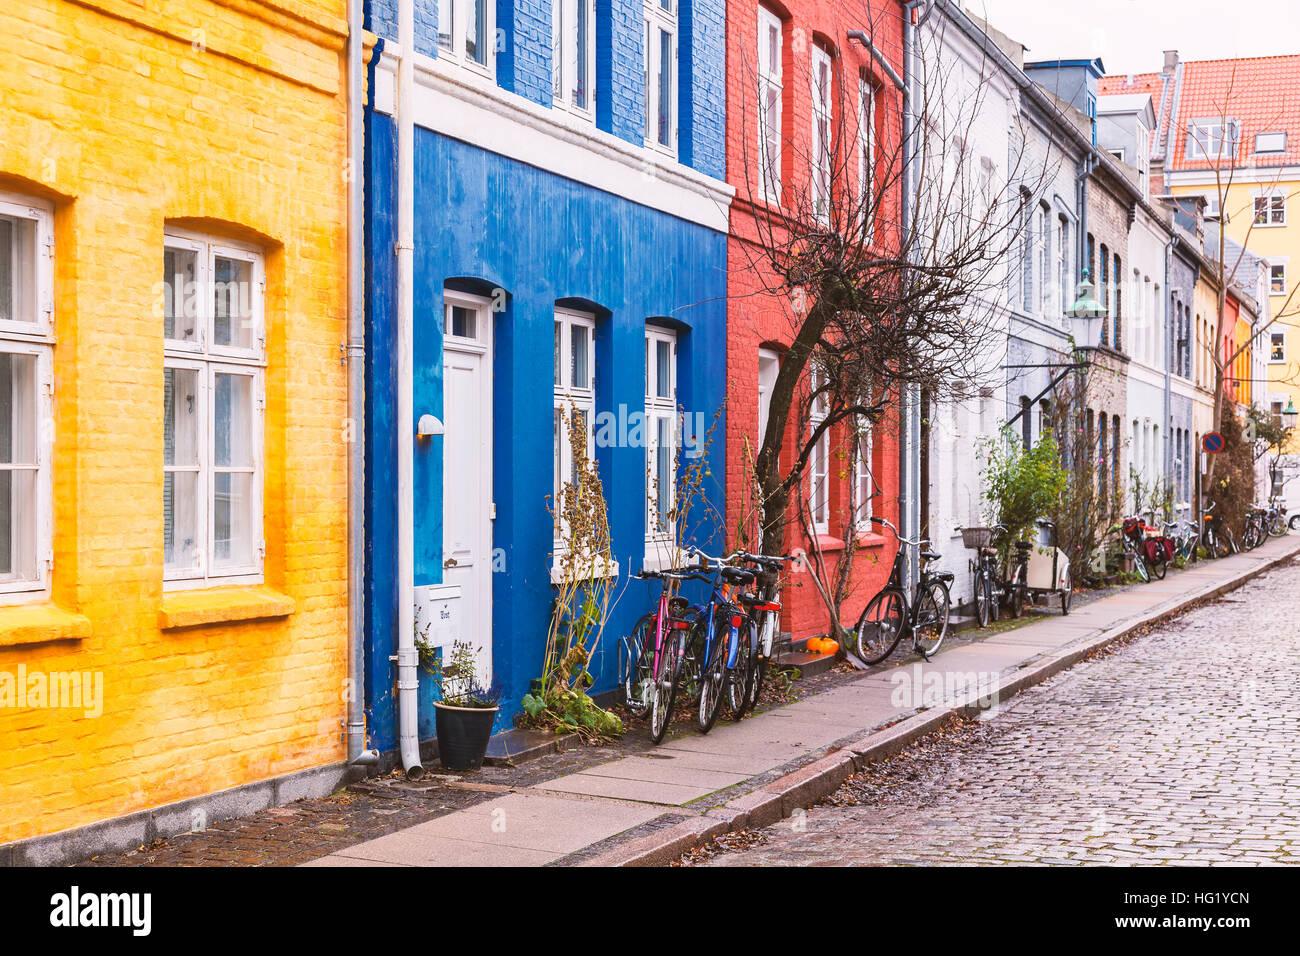 Bild bunte Straße in Kopenhagen, Dänemark. Stockbild